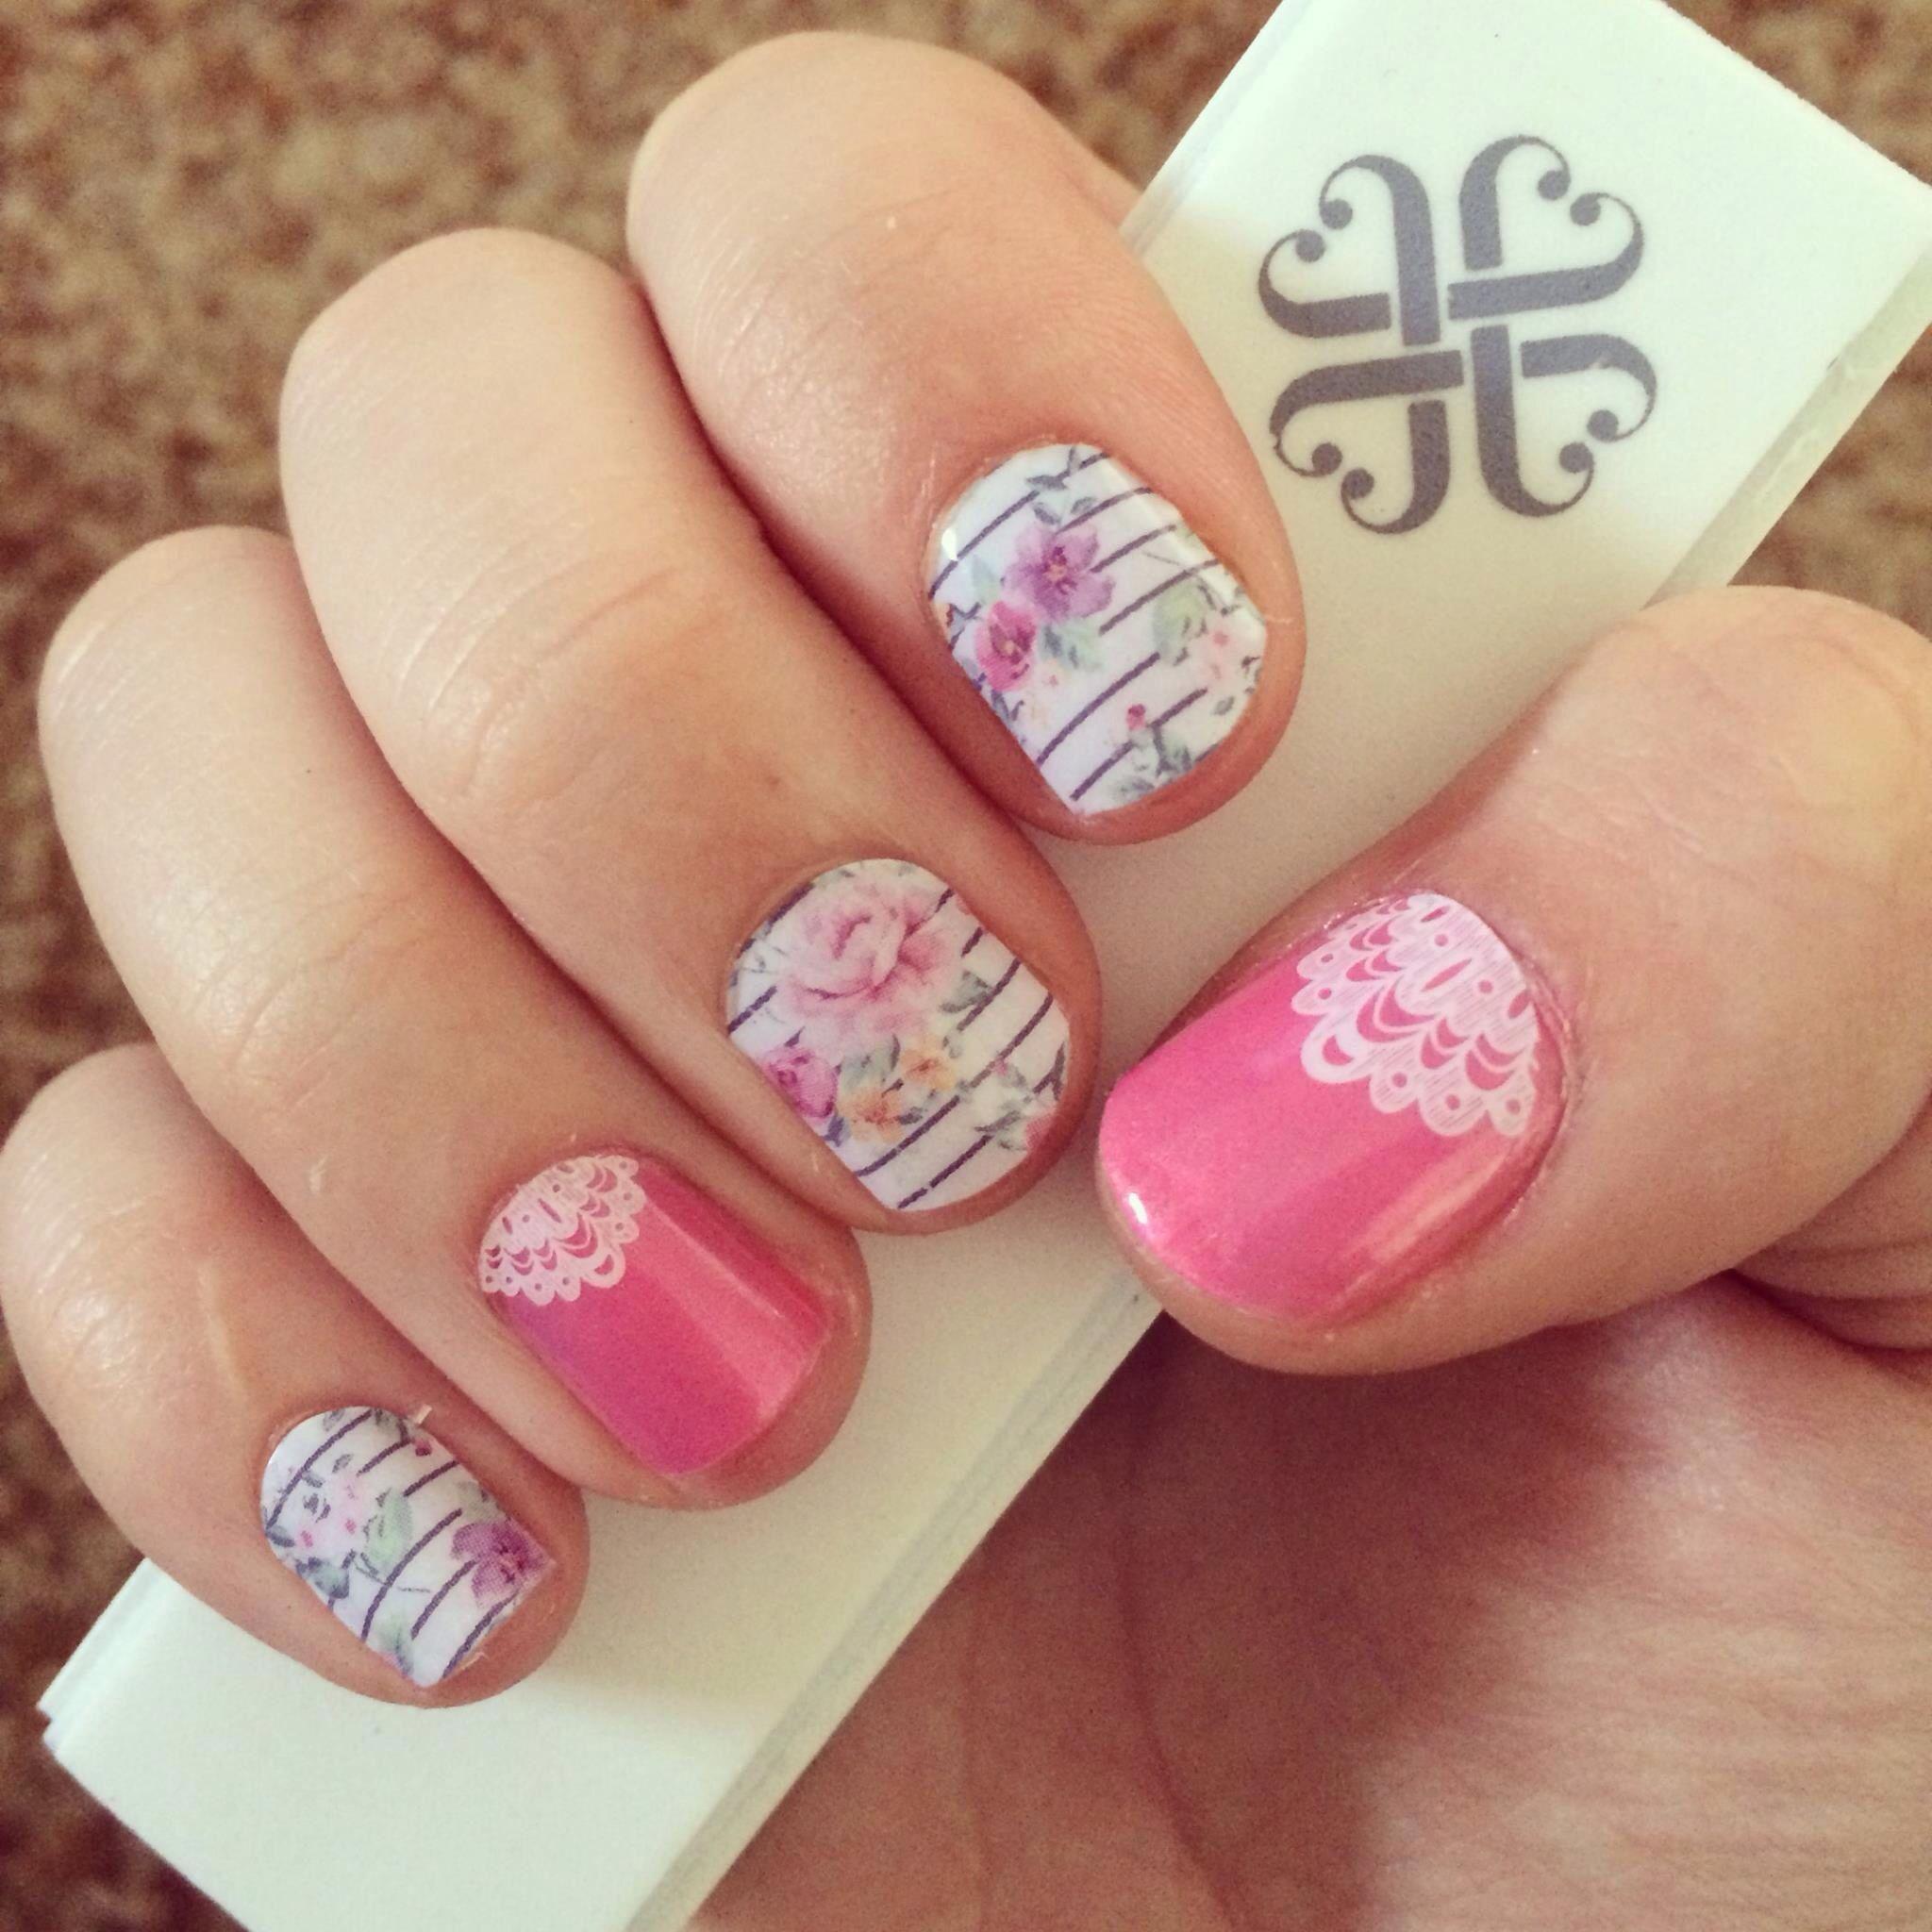 Jamberry Nail Wraps Nail Art Touchoflacejn Feminineflairjn